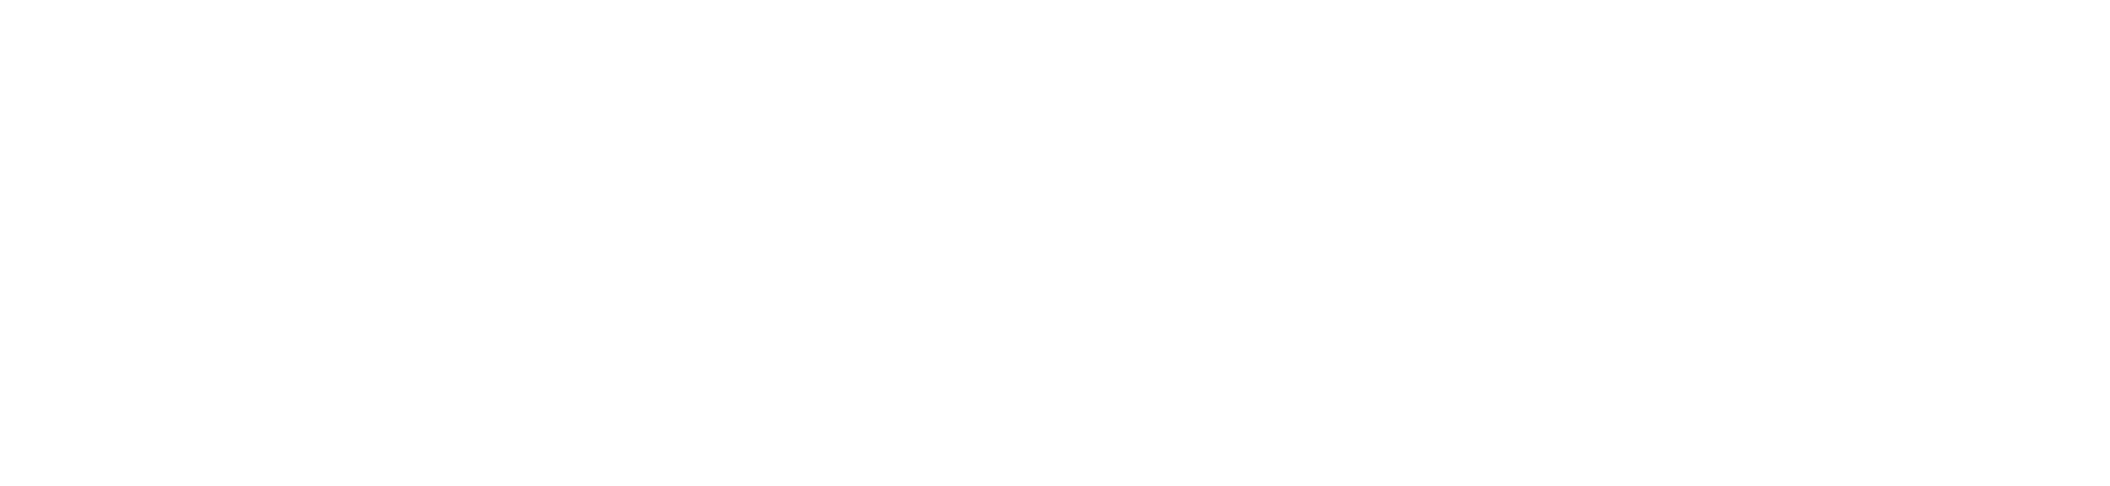 gelsight_logo_White